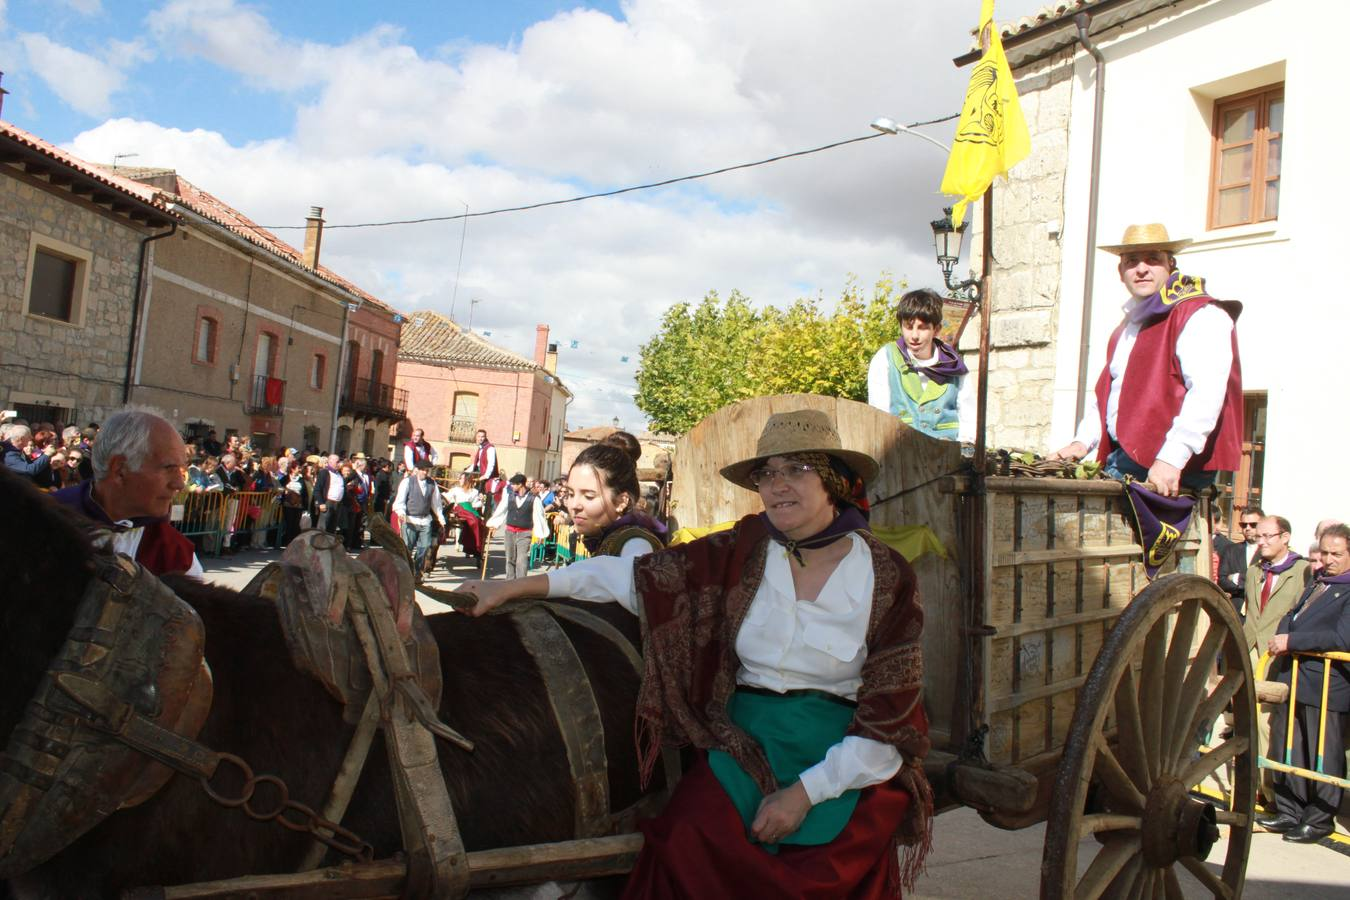 Fiesta de la Vendimia en Herrera de Valdecañas